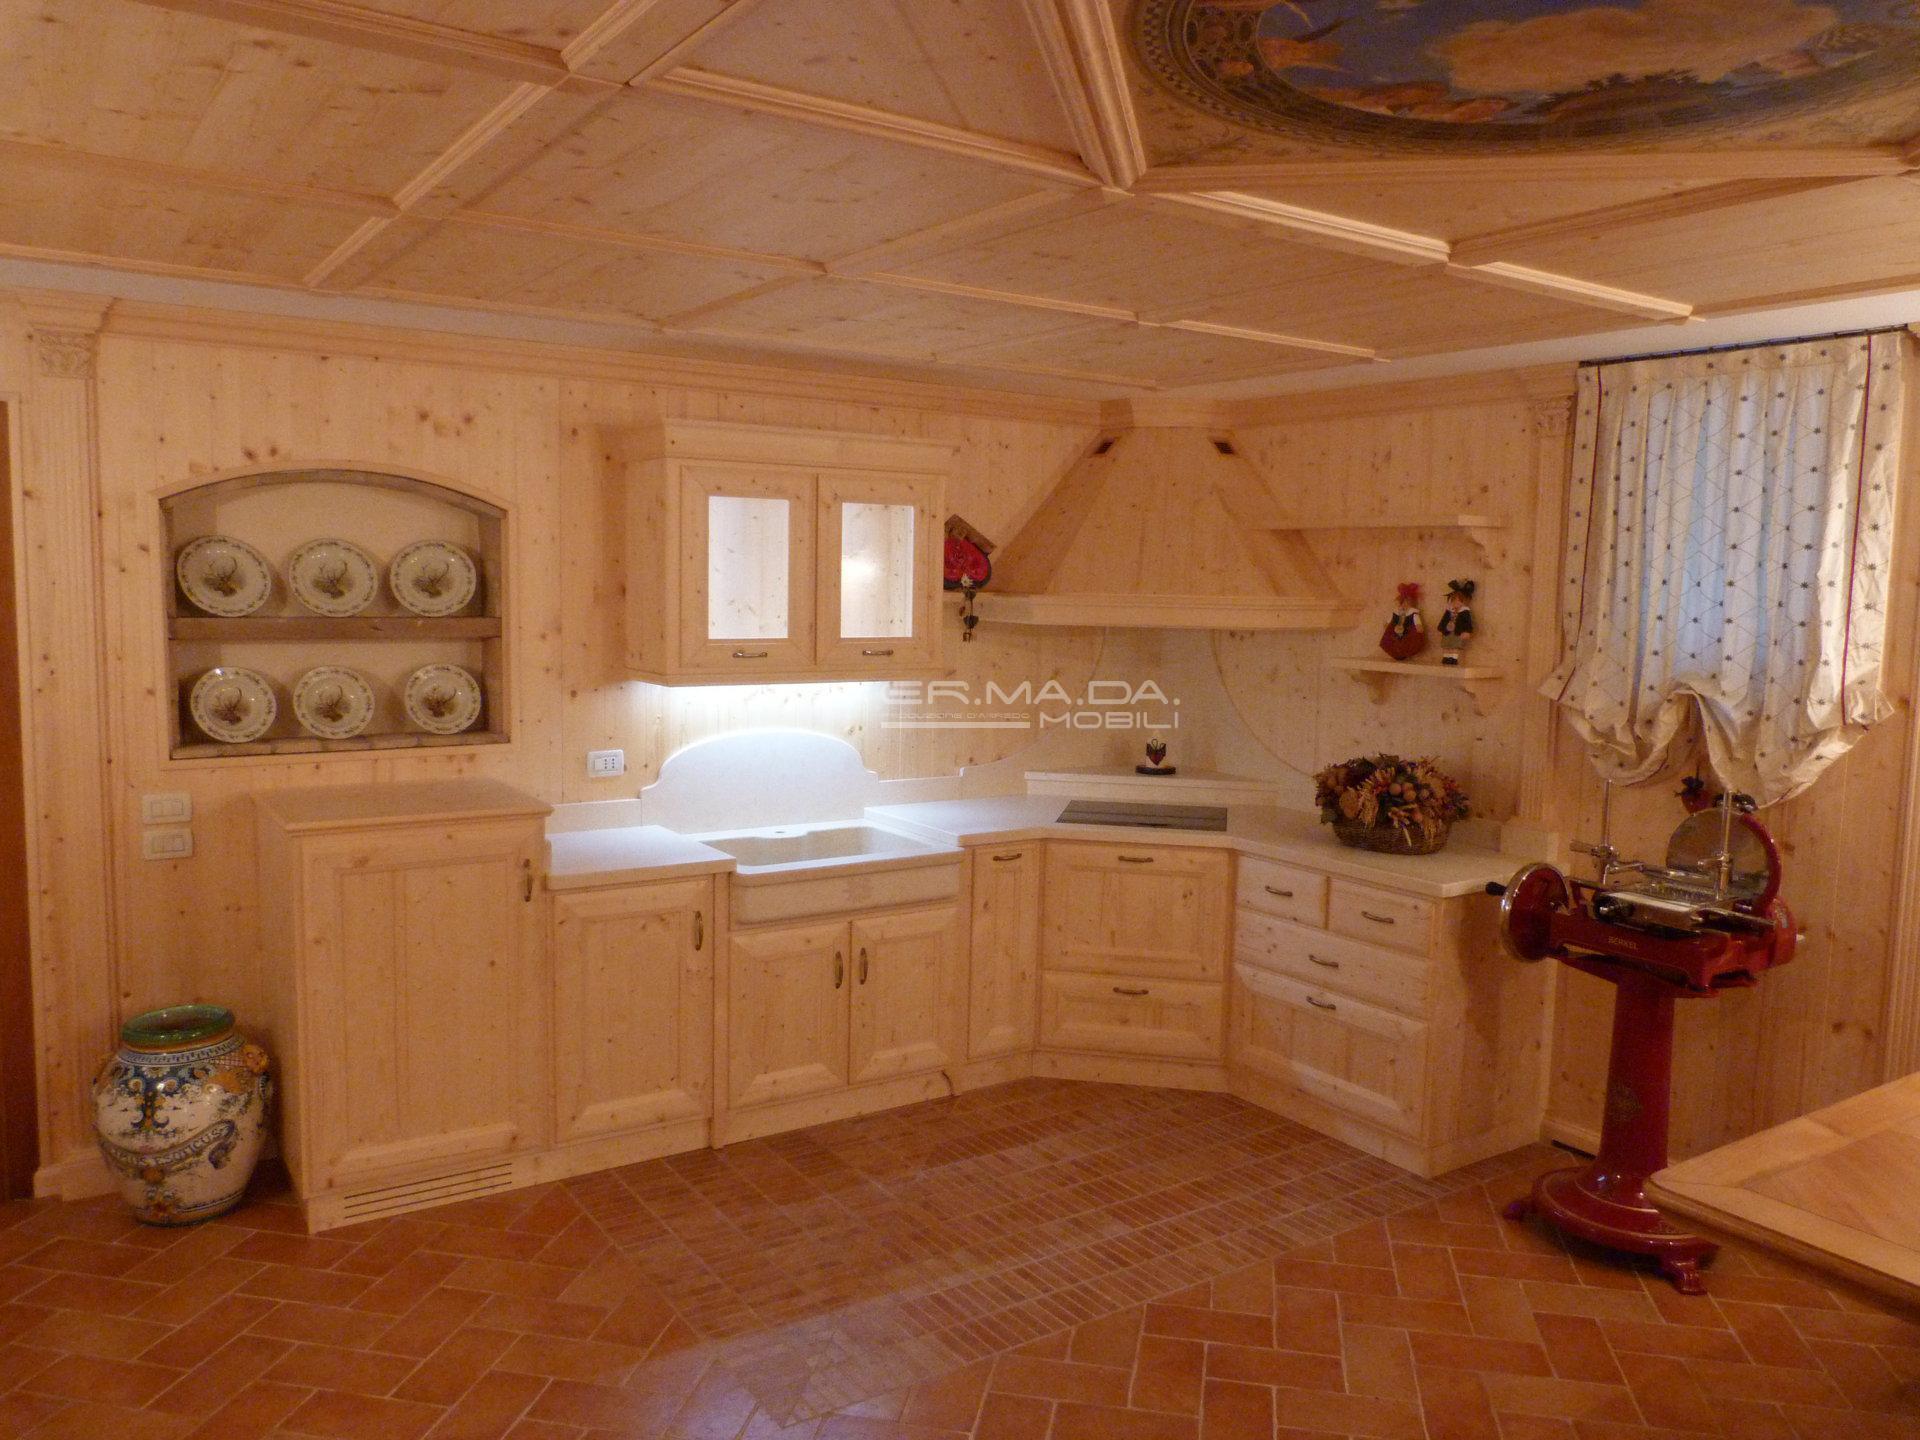 Tavera abete naturale 3 er ma da mobilificio - Cucine in abete ...